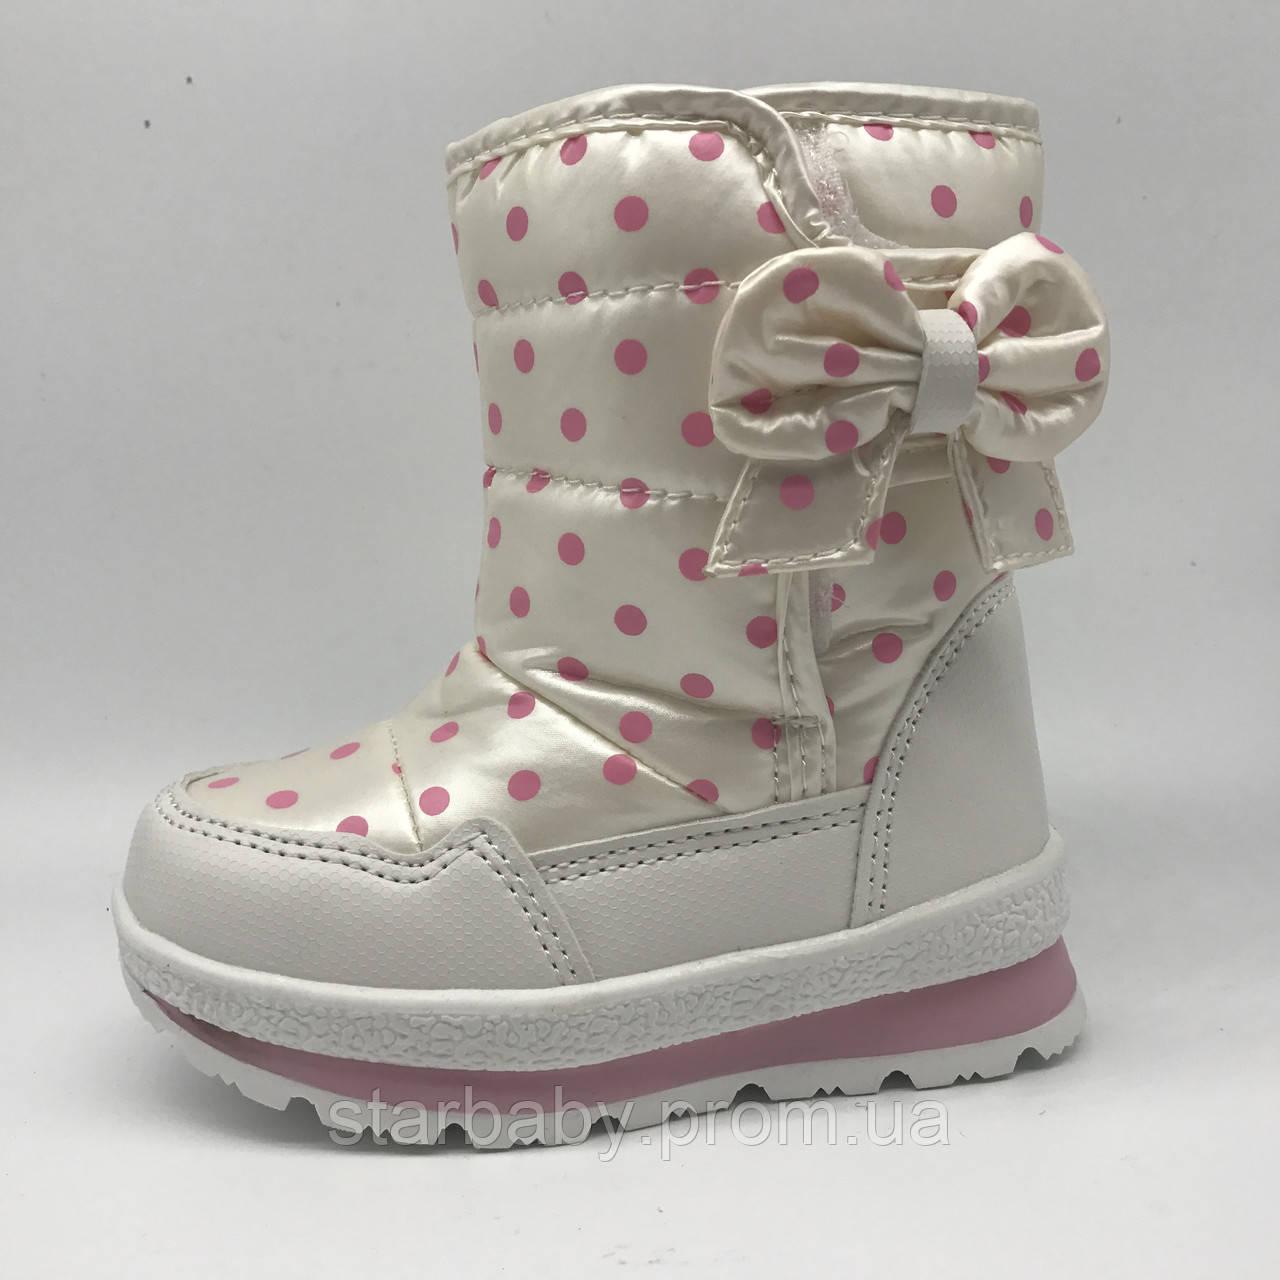 0c13a0312 Зимние ботинки дутики водонепроницаемые с бантиком для девочек средние  размеры 25-30 оптом, цена 350 грн./пара, купить в Одессе — Prom.ua  (ID#778730578)